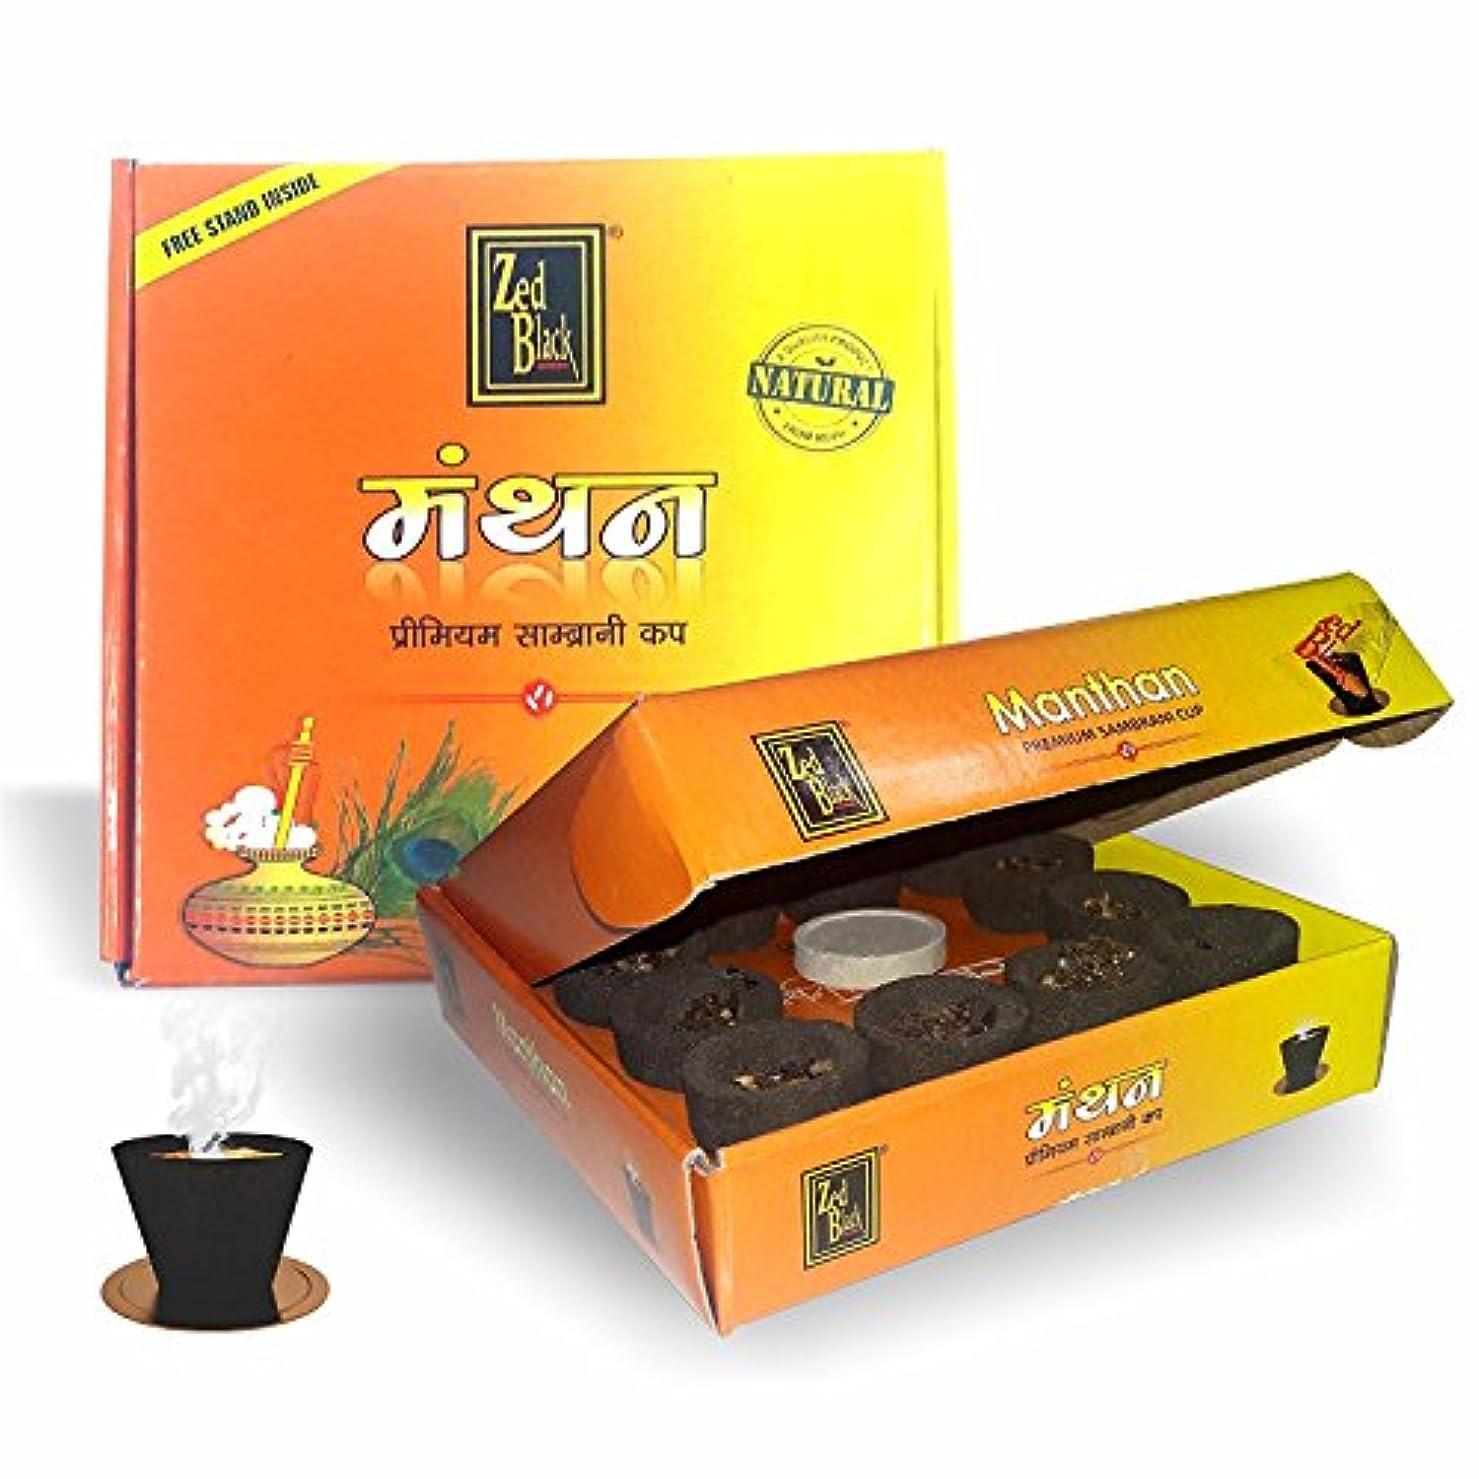 一般的に蓮マグZedブラックManthanプレミアムsambrani-cup-box ( Pack of 2 ) -長持ちPleasingアロマカップの日常使用